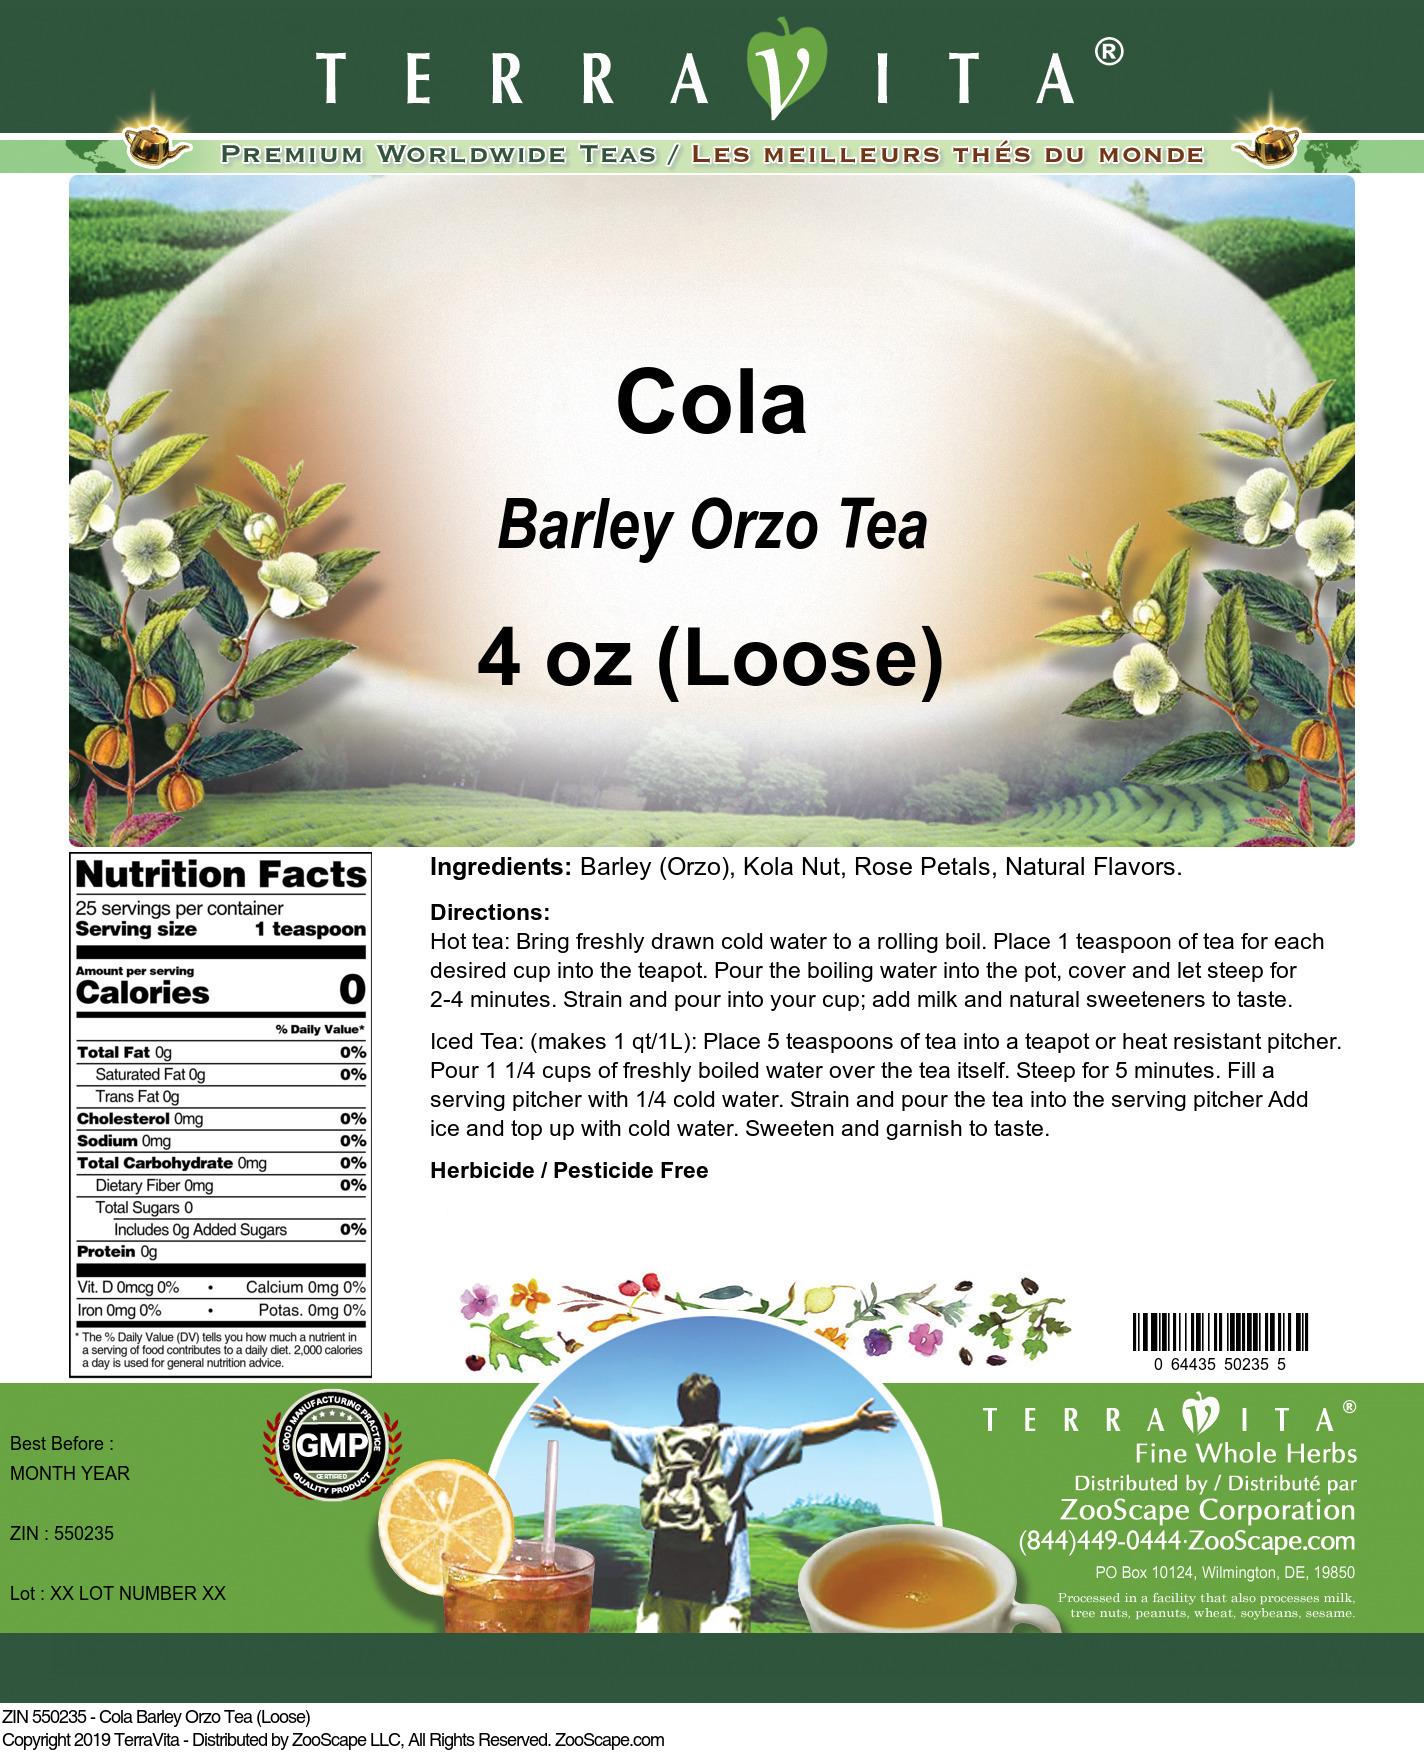 Cola Barley Orzo